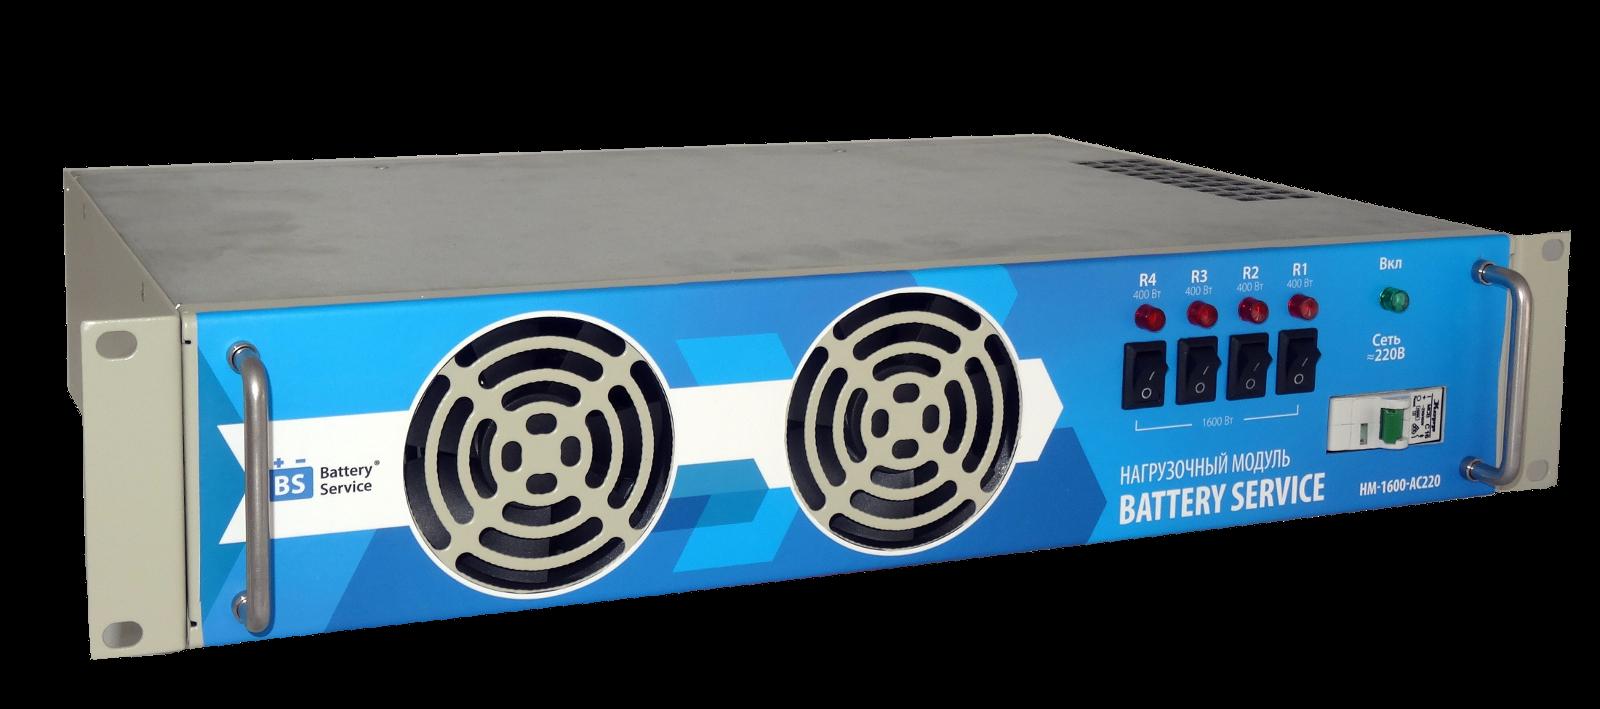 Нагрузочный модуль НМ-1600-АС-220